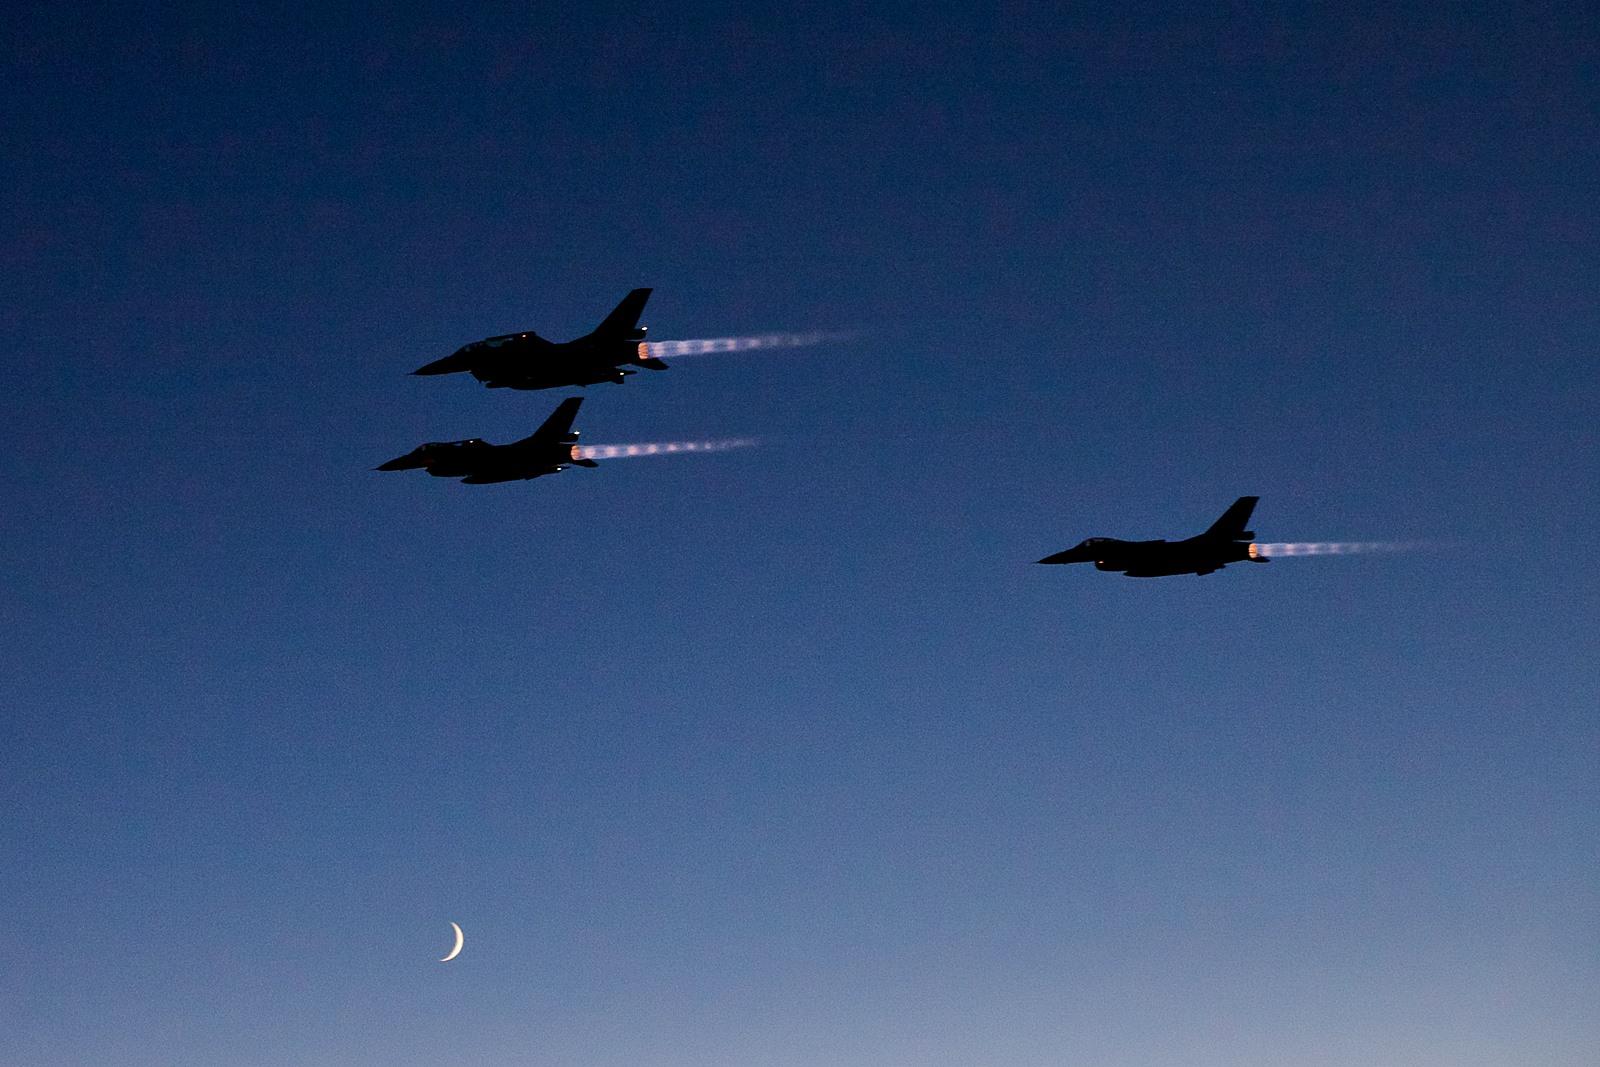 미공군 KC-135와 급유훈련하는 노르웨이공군 F-16